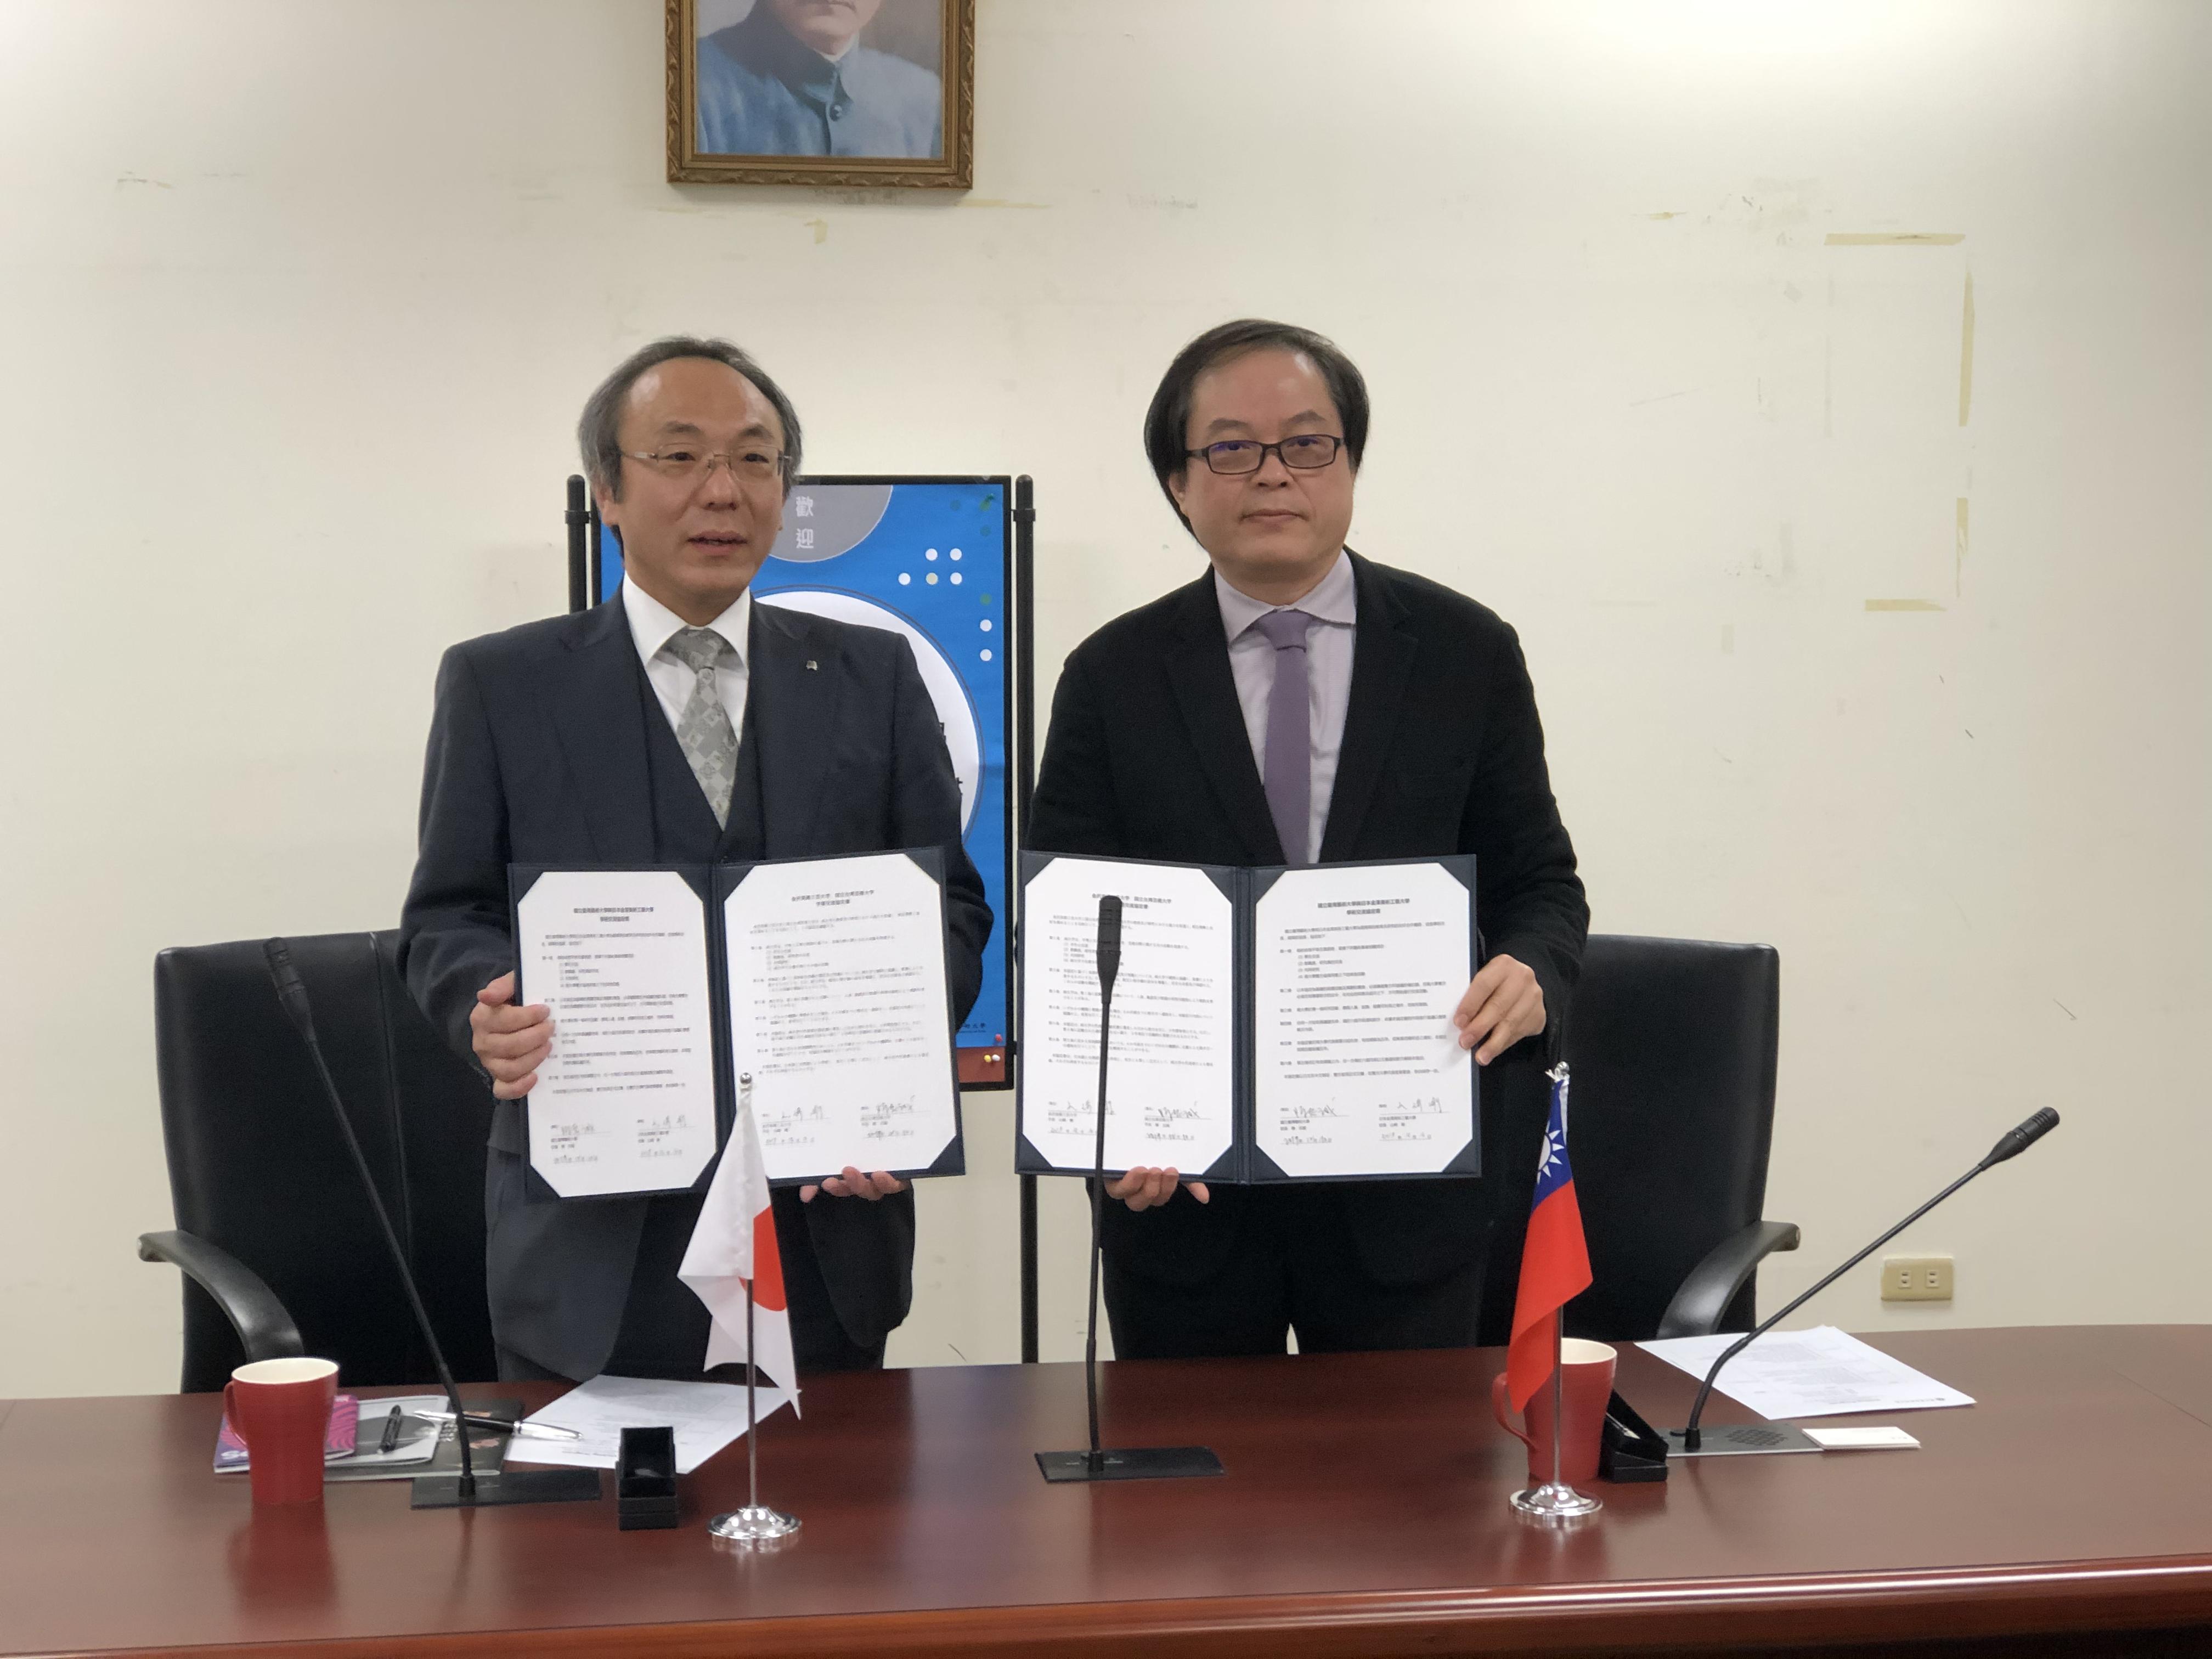 国立台湾芸術大学と学術交流協定を締結しました。